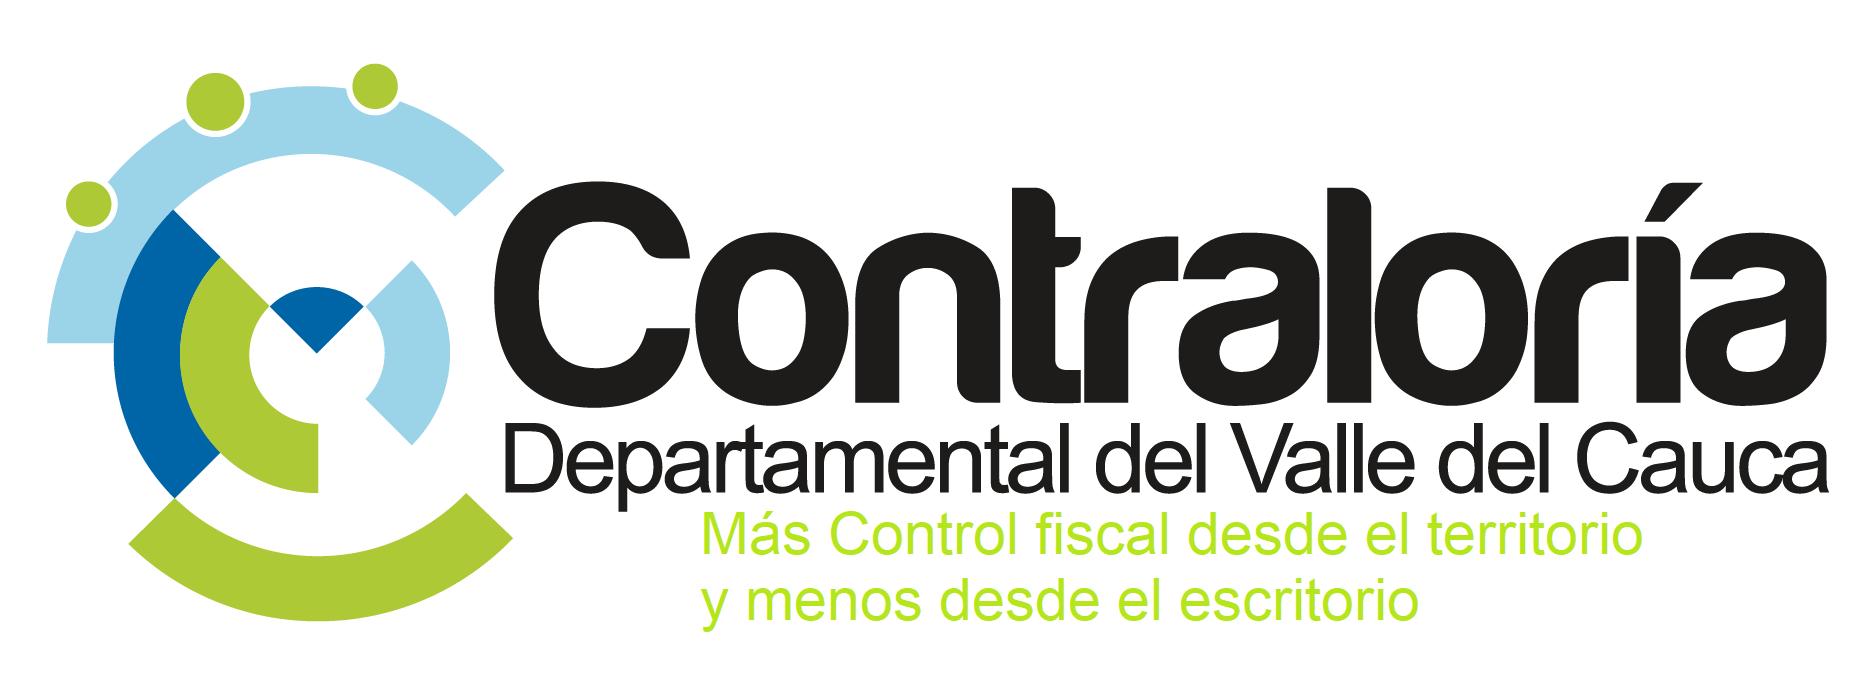 Contraloría Departamental del Valle del Cauca